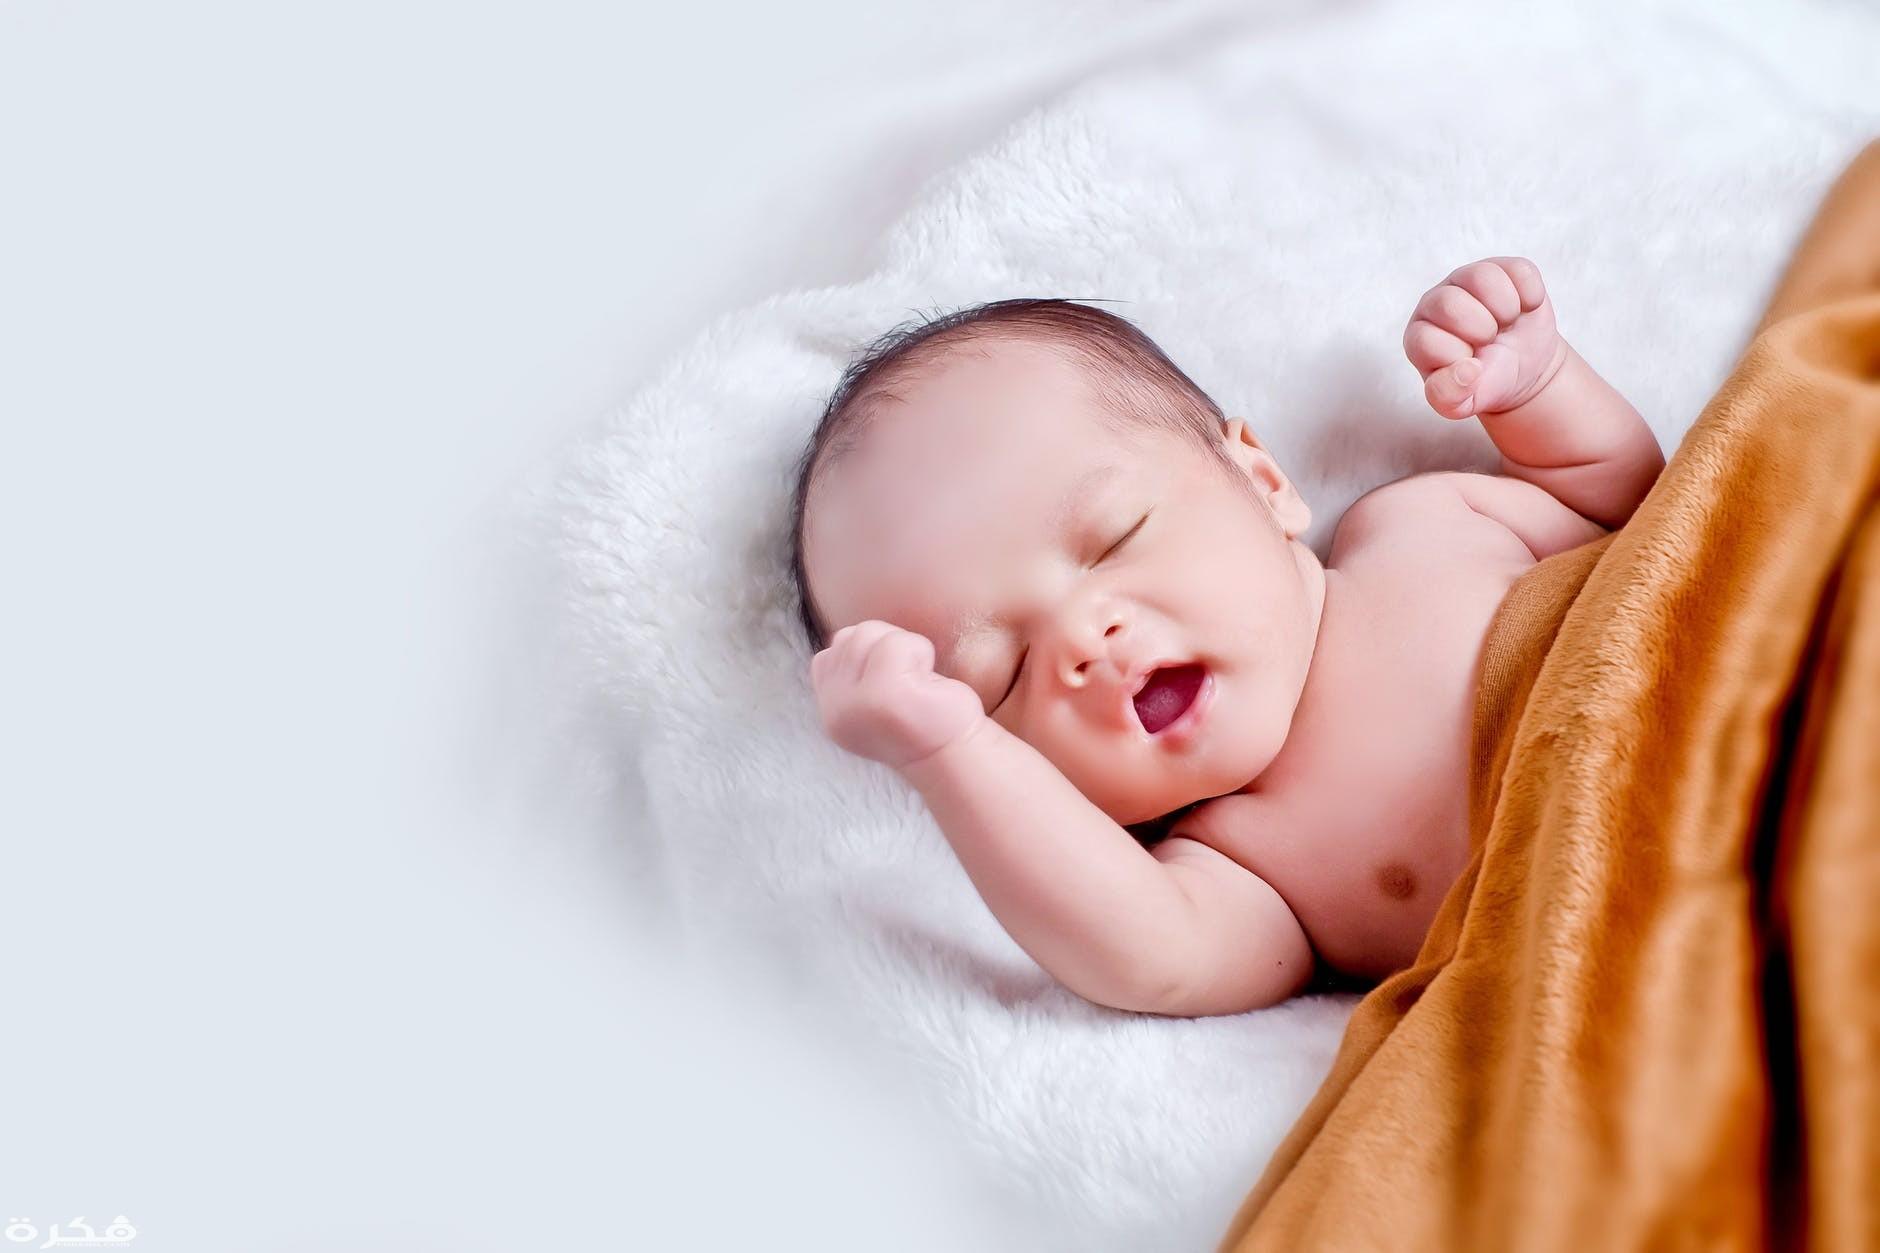 تفسير حلم الطفل الرضيع يتكلم لابن سيرين موقع فكرة